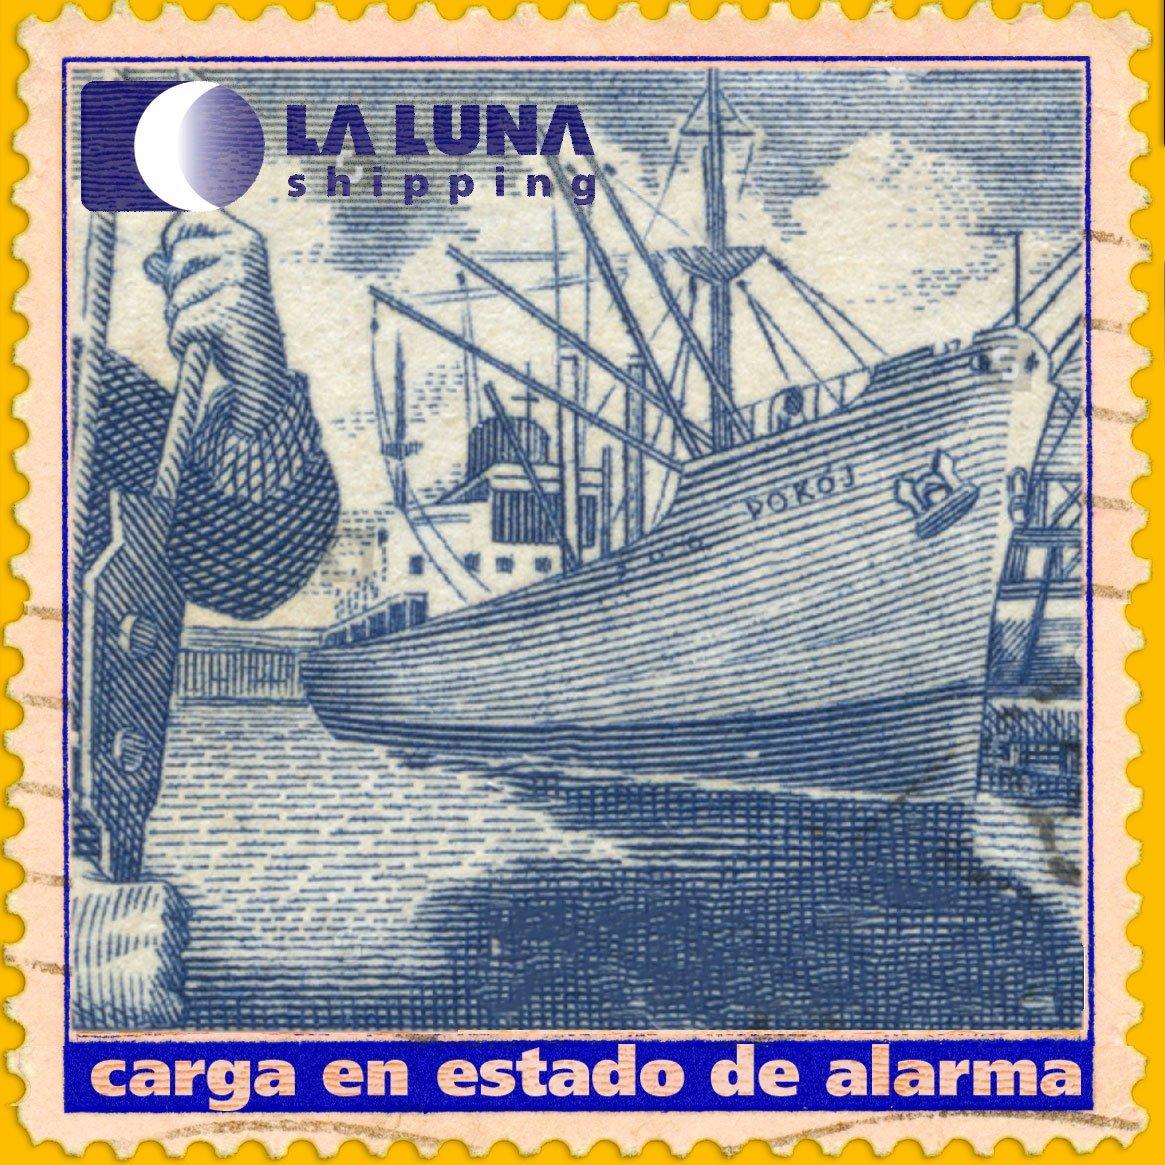 carga-en-estado-de-alarma-state-of-emergency-freight-cargo